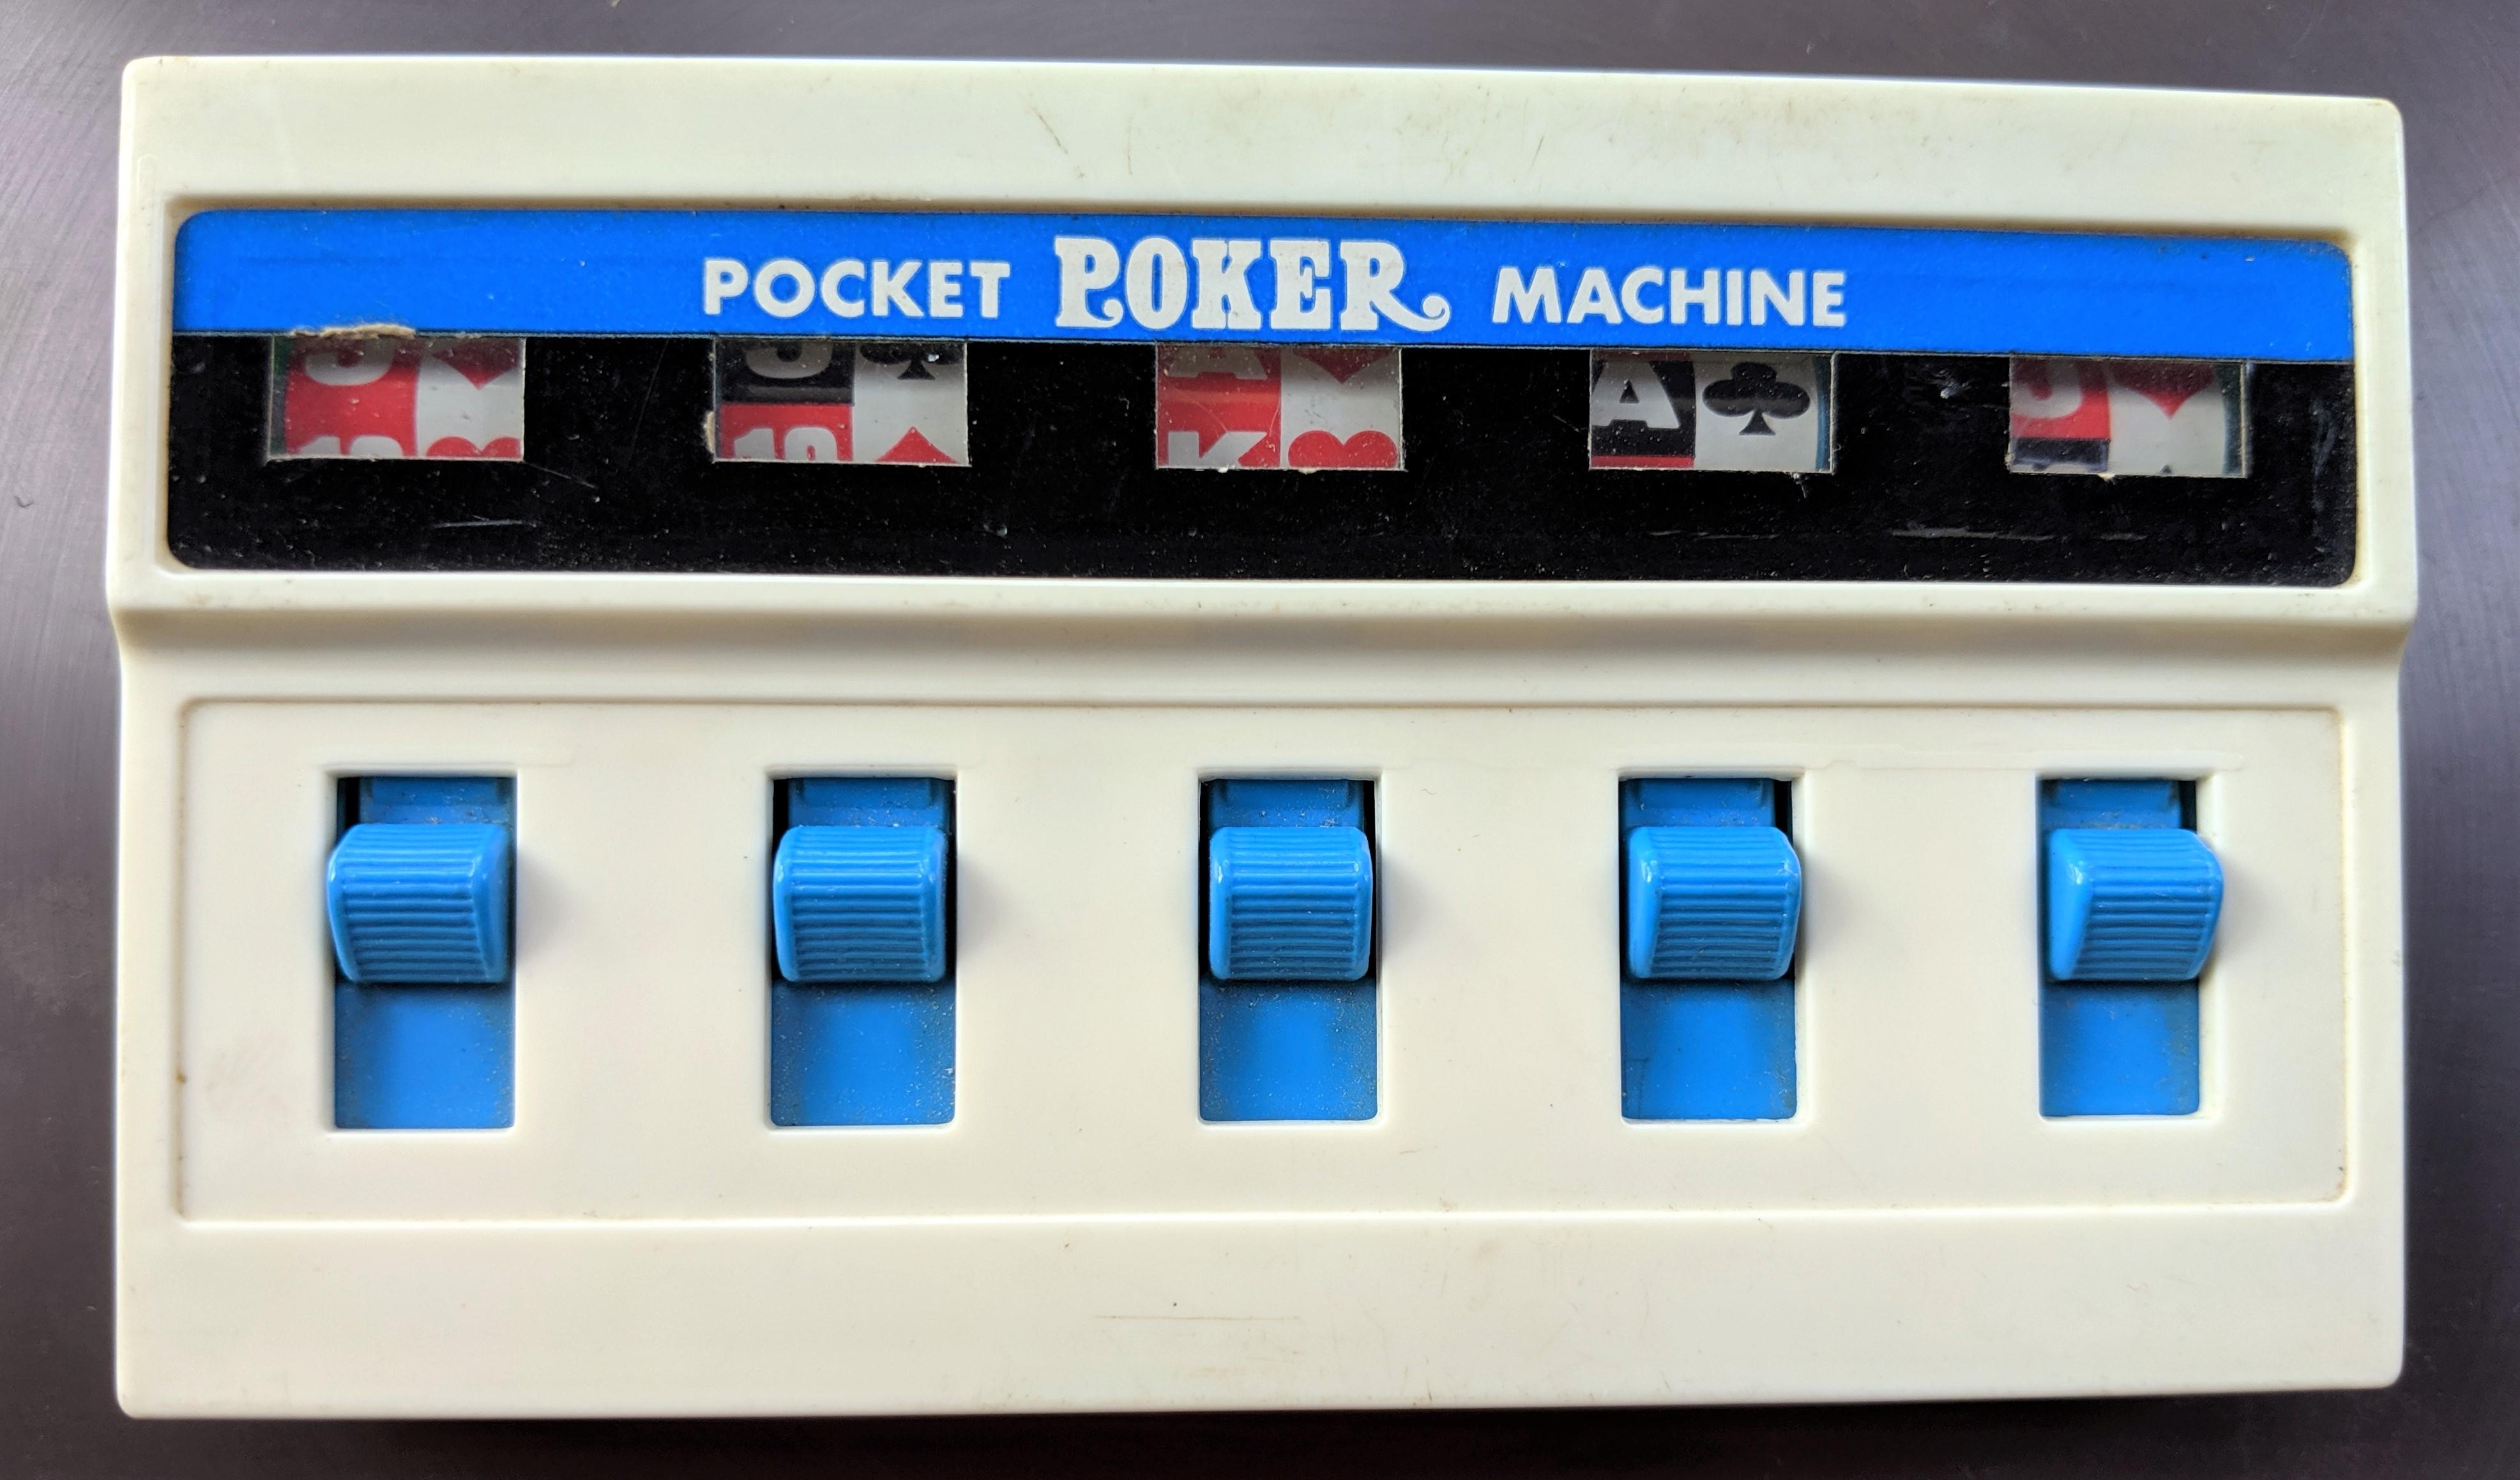 Tomy Pocket Poker Machine